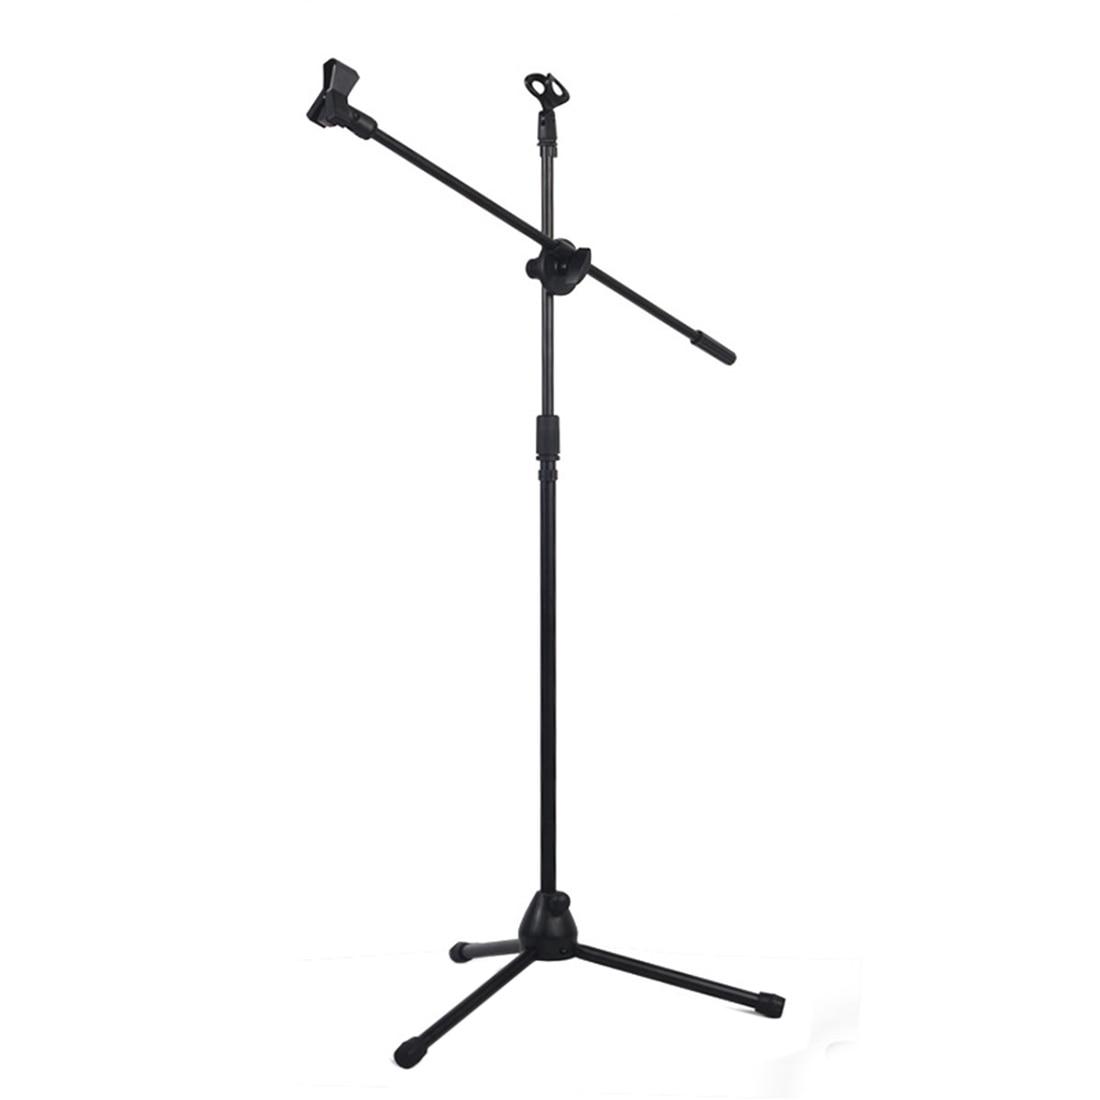 Professionale Altalena Boom del Pavimento Del Basamento Del Microfono Supporto il supporto del microfono Regolabile Fase Treppiede In Metallo